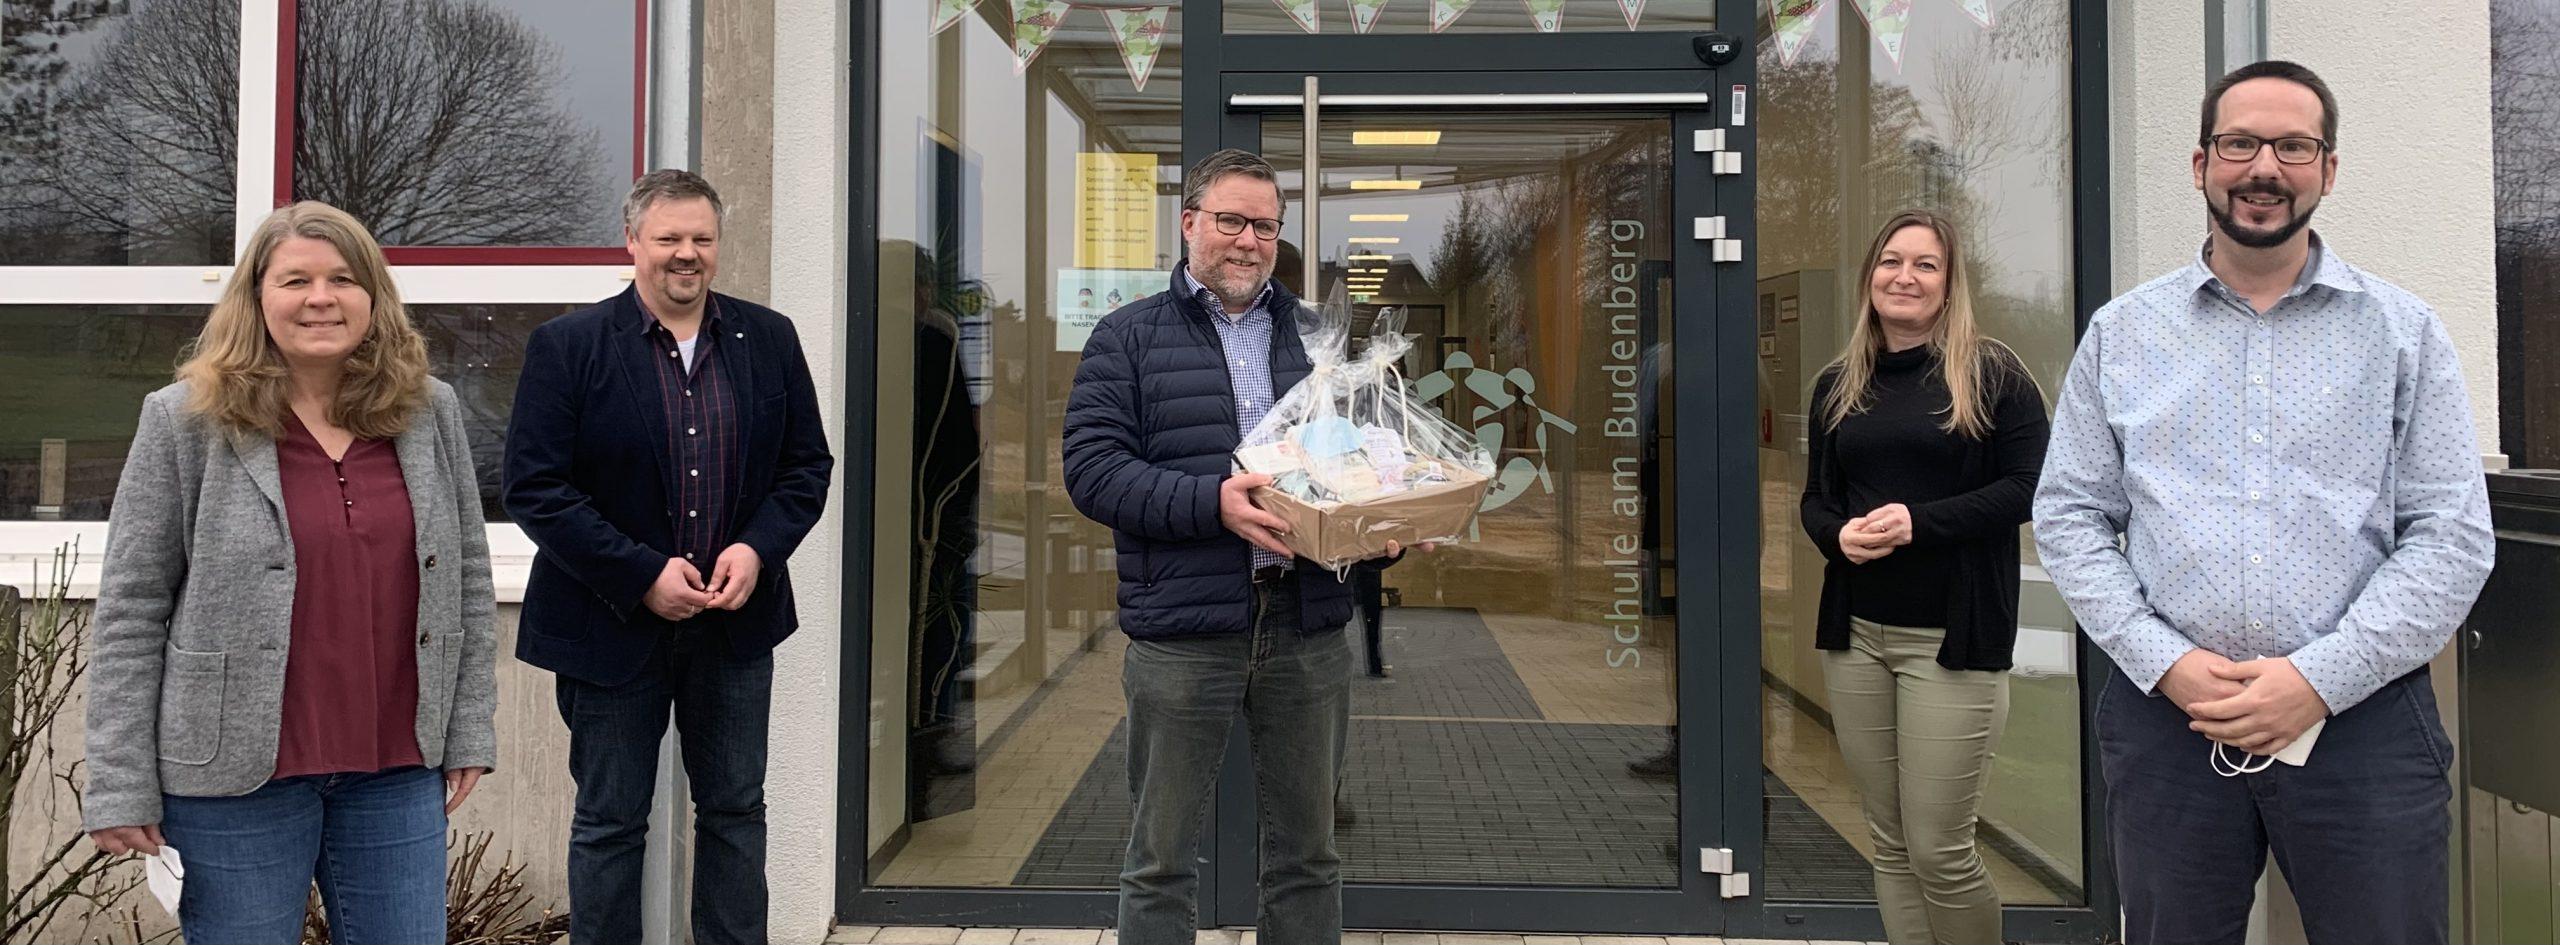 Jörg-Martin Jacob ist neuer Schulleiter an der Schule am Budenberg